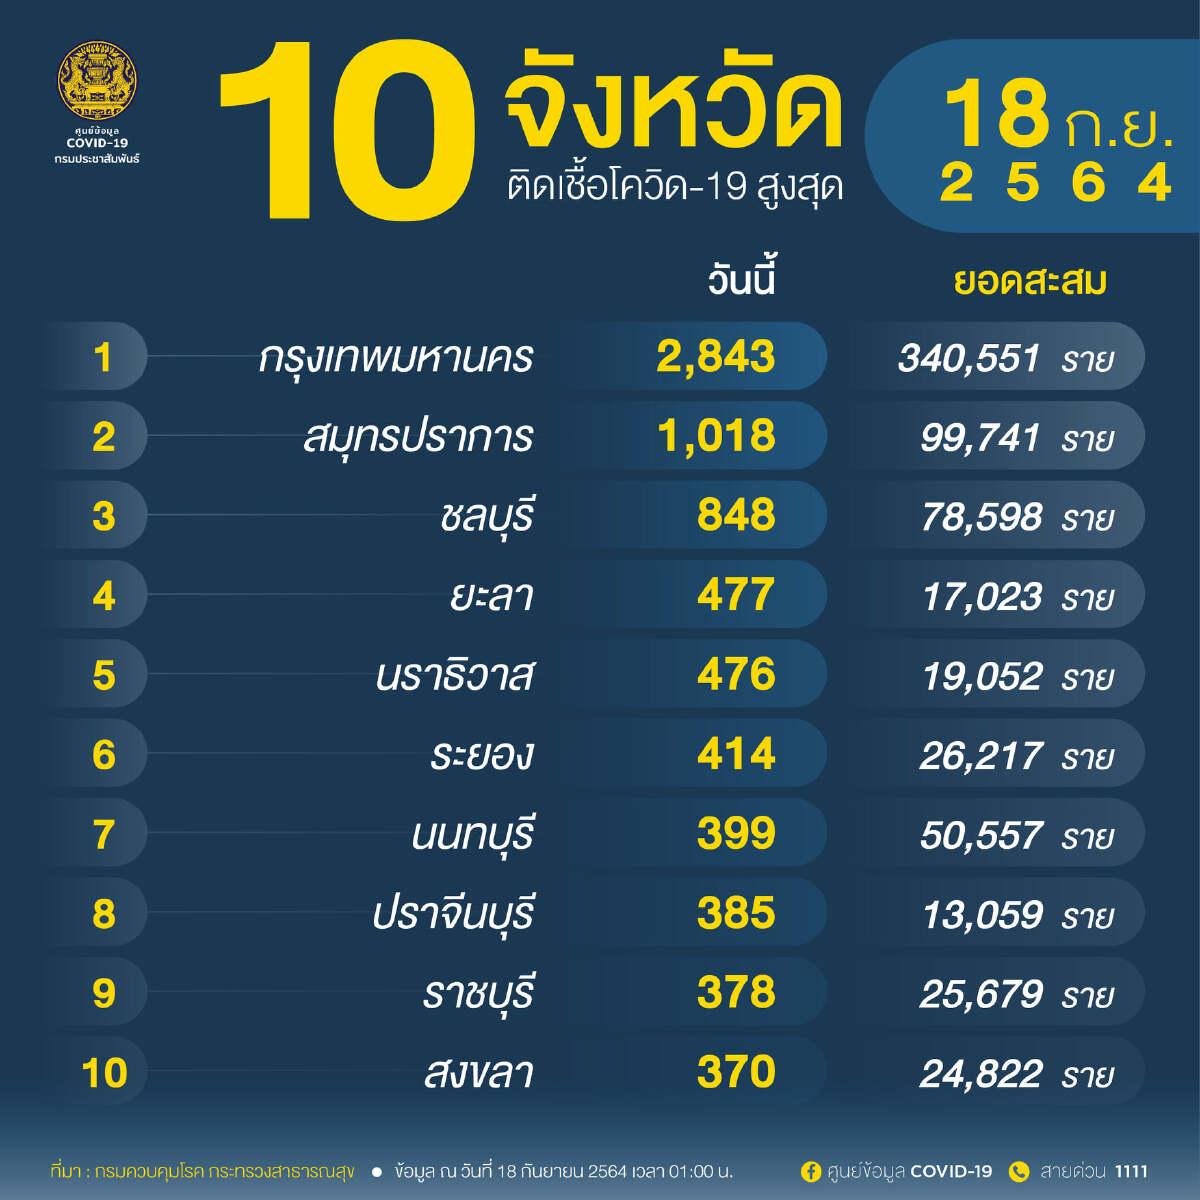 """อัพเดท """"โควิดวันนี้"""" 10 จังหวัดติดเชื้อสูงสุด กทม.-ปริมณฑล 4,832 จับตาสมุทรปราการ ชลบุรี ยะลา"""